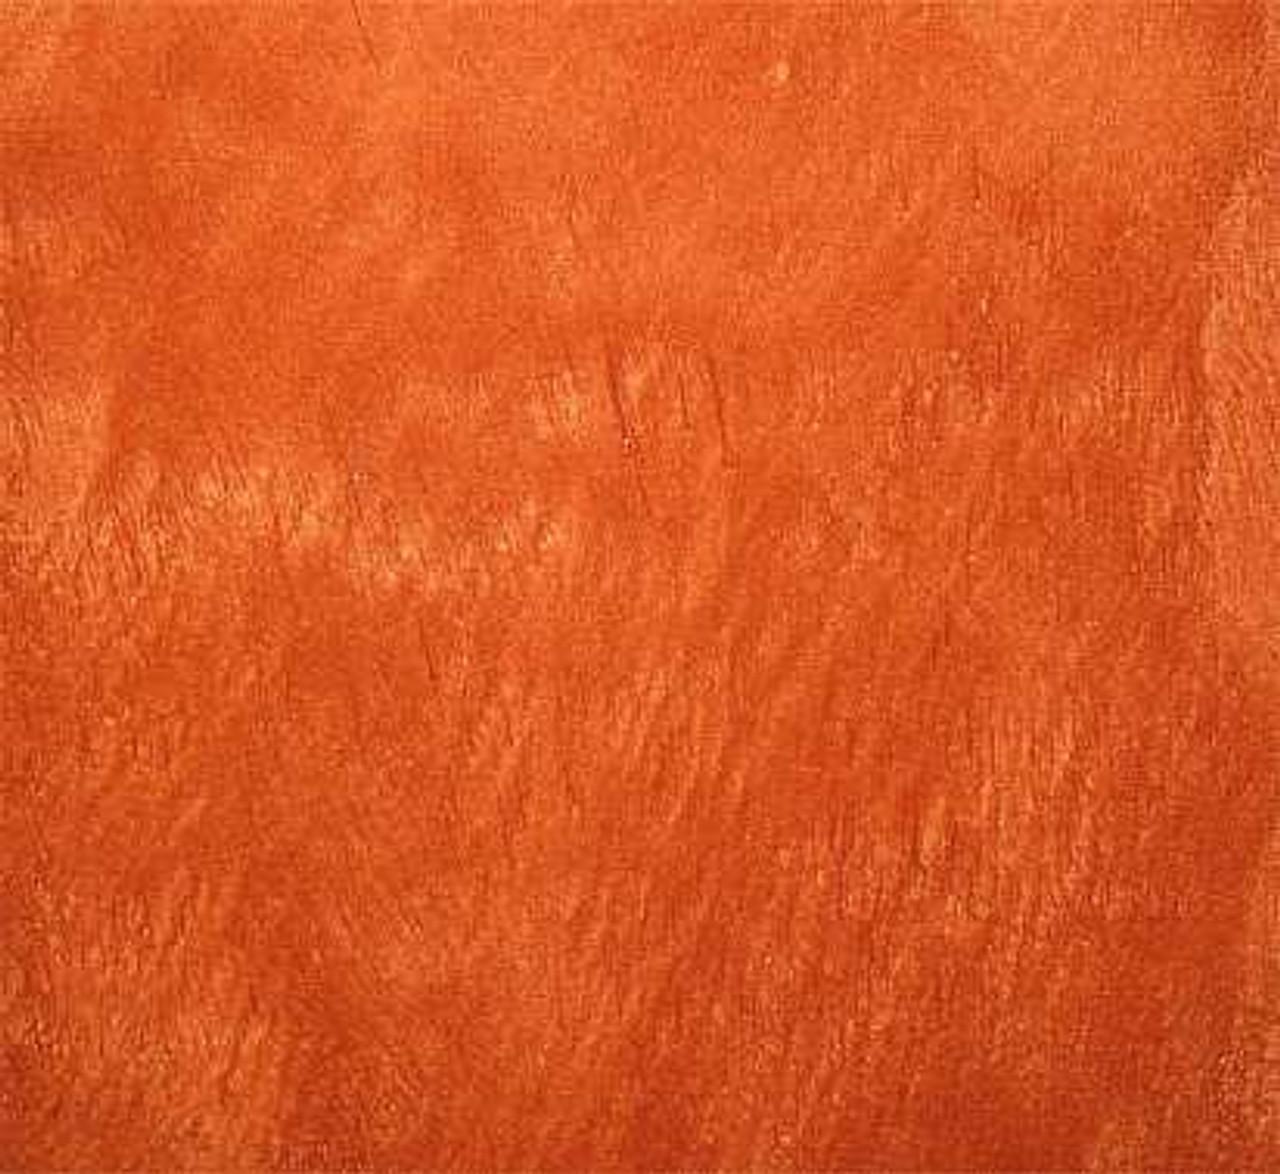 Sunset Orange - 4 oz. Metallic Pigment